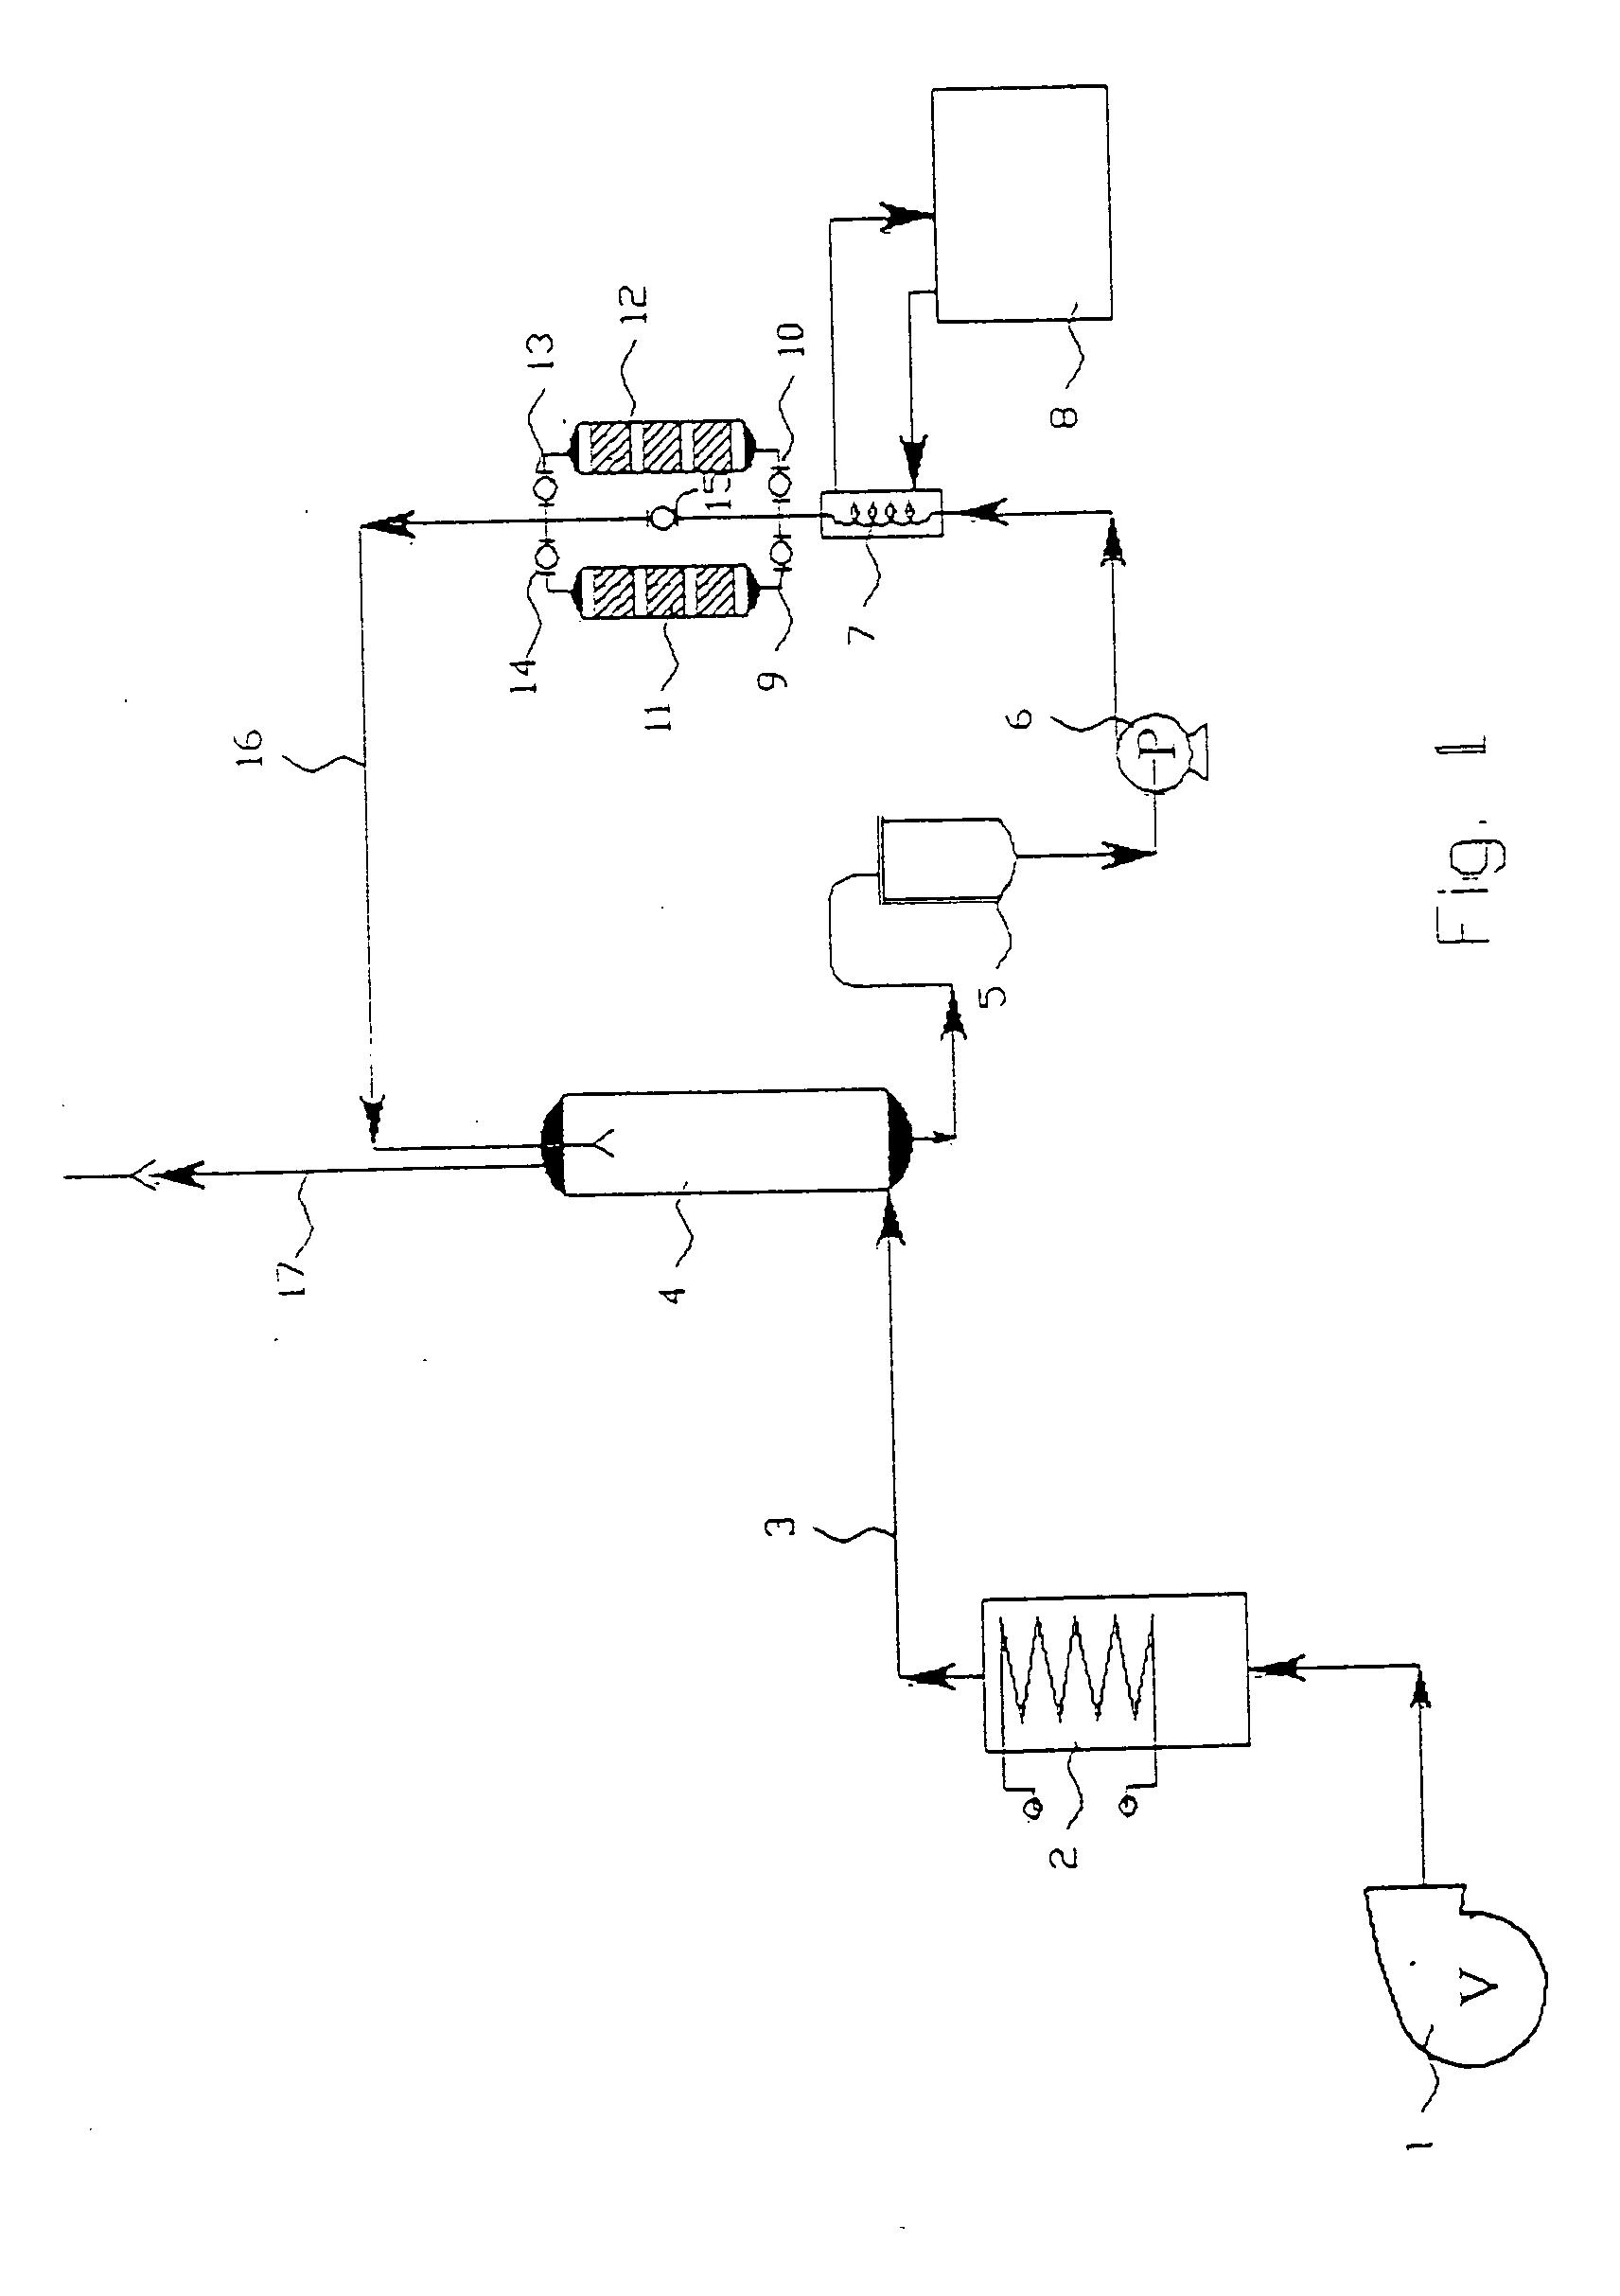 专利ep1382593a2 - process